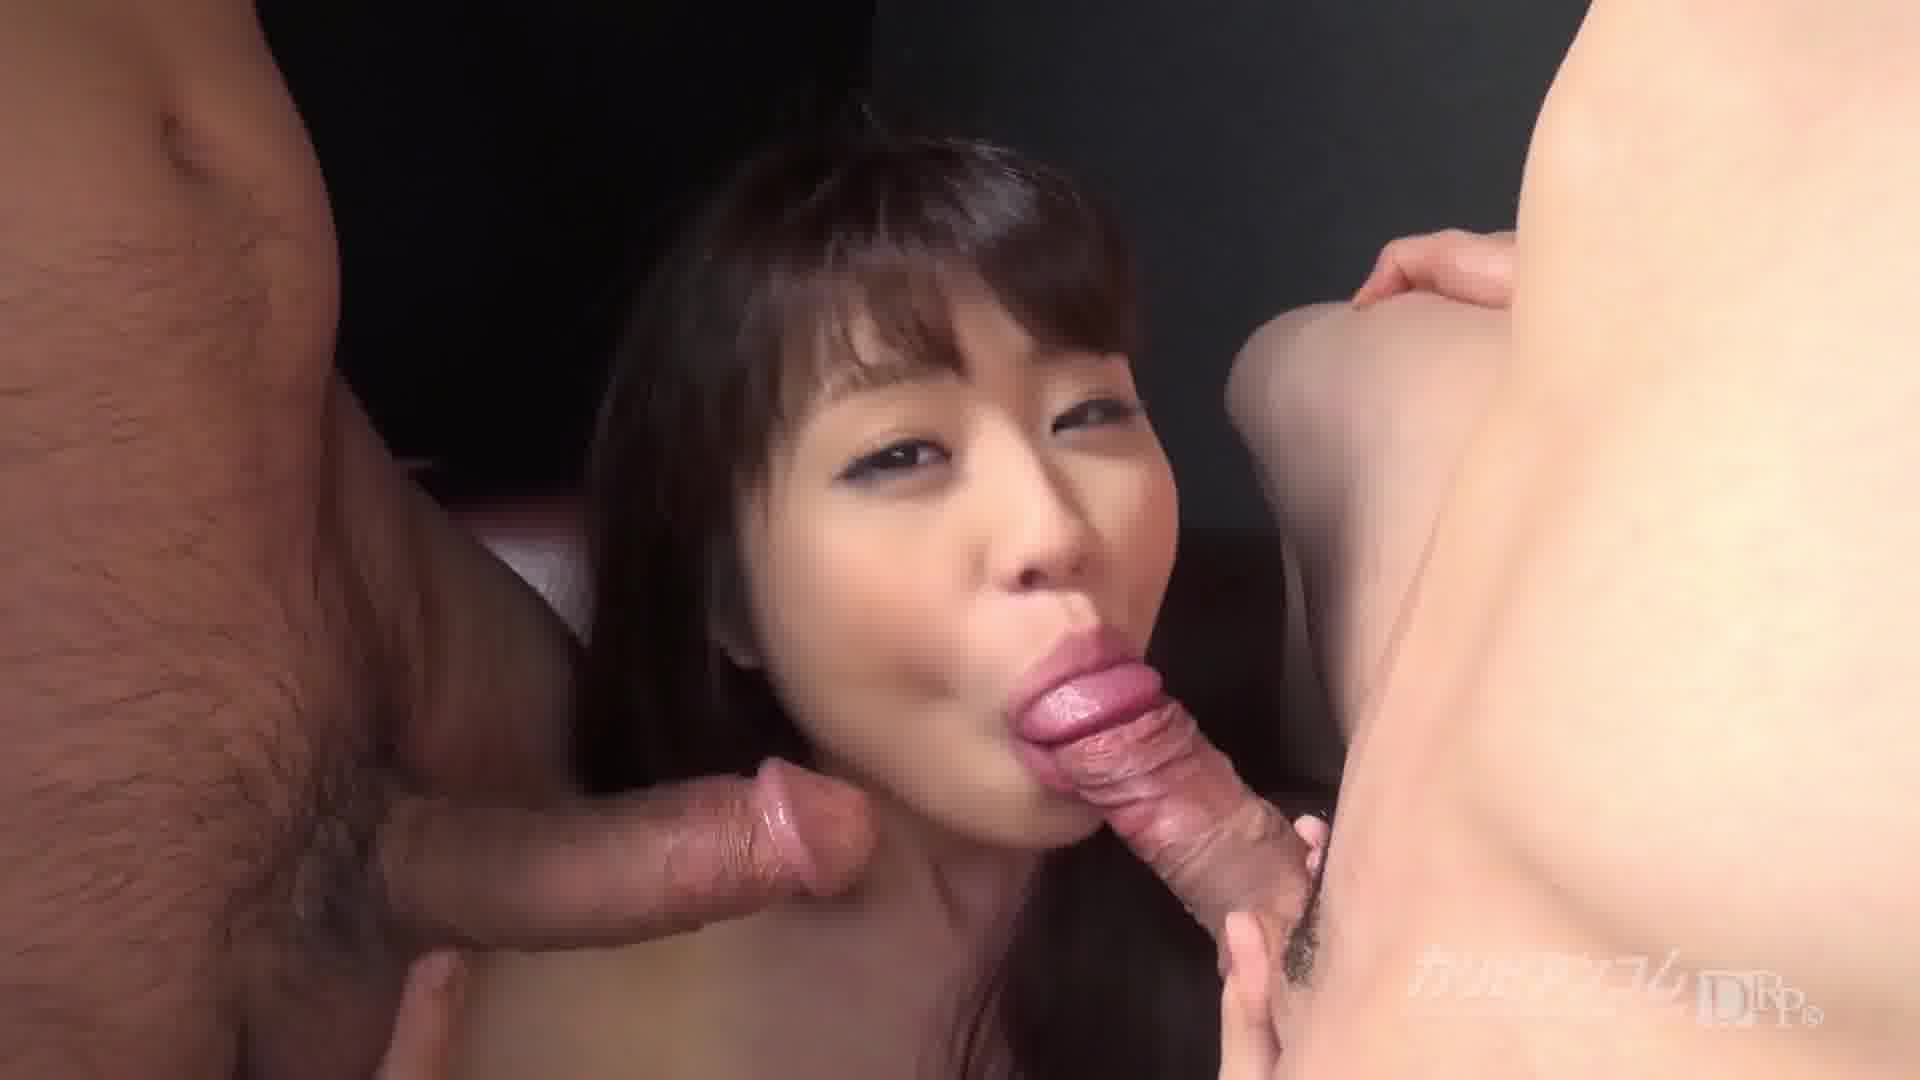 鬼イキトランス14 - 木下寧々【巨乳・3P・中出し】